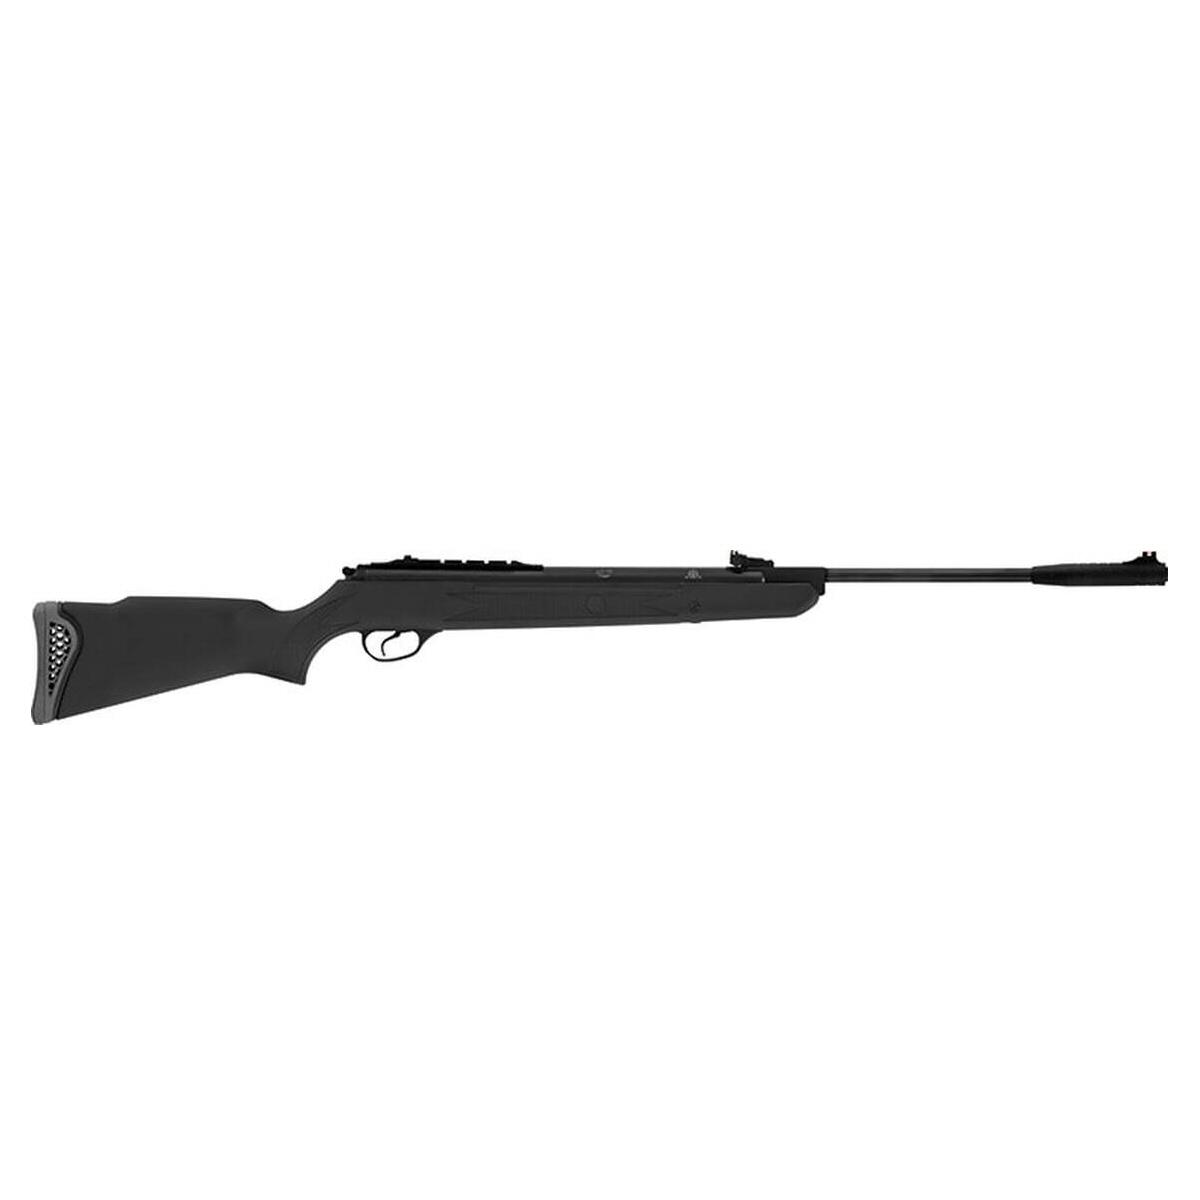 Hatsan M125 Air Rifle .177 Cal (1250FPS)